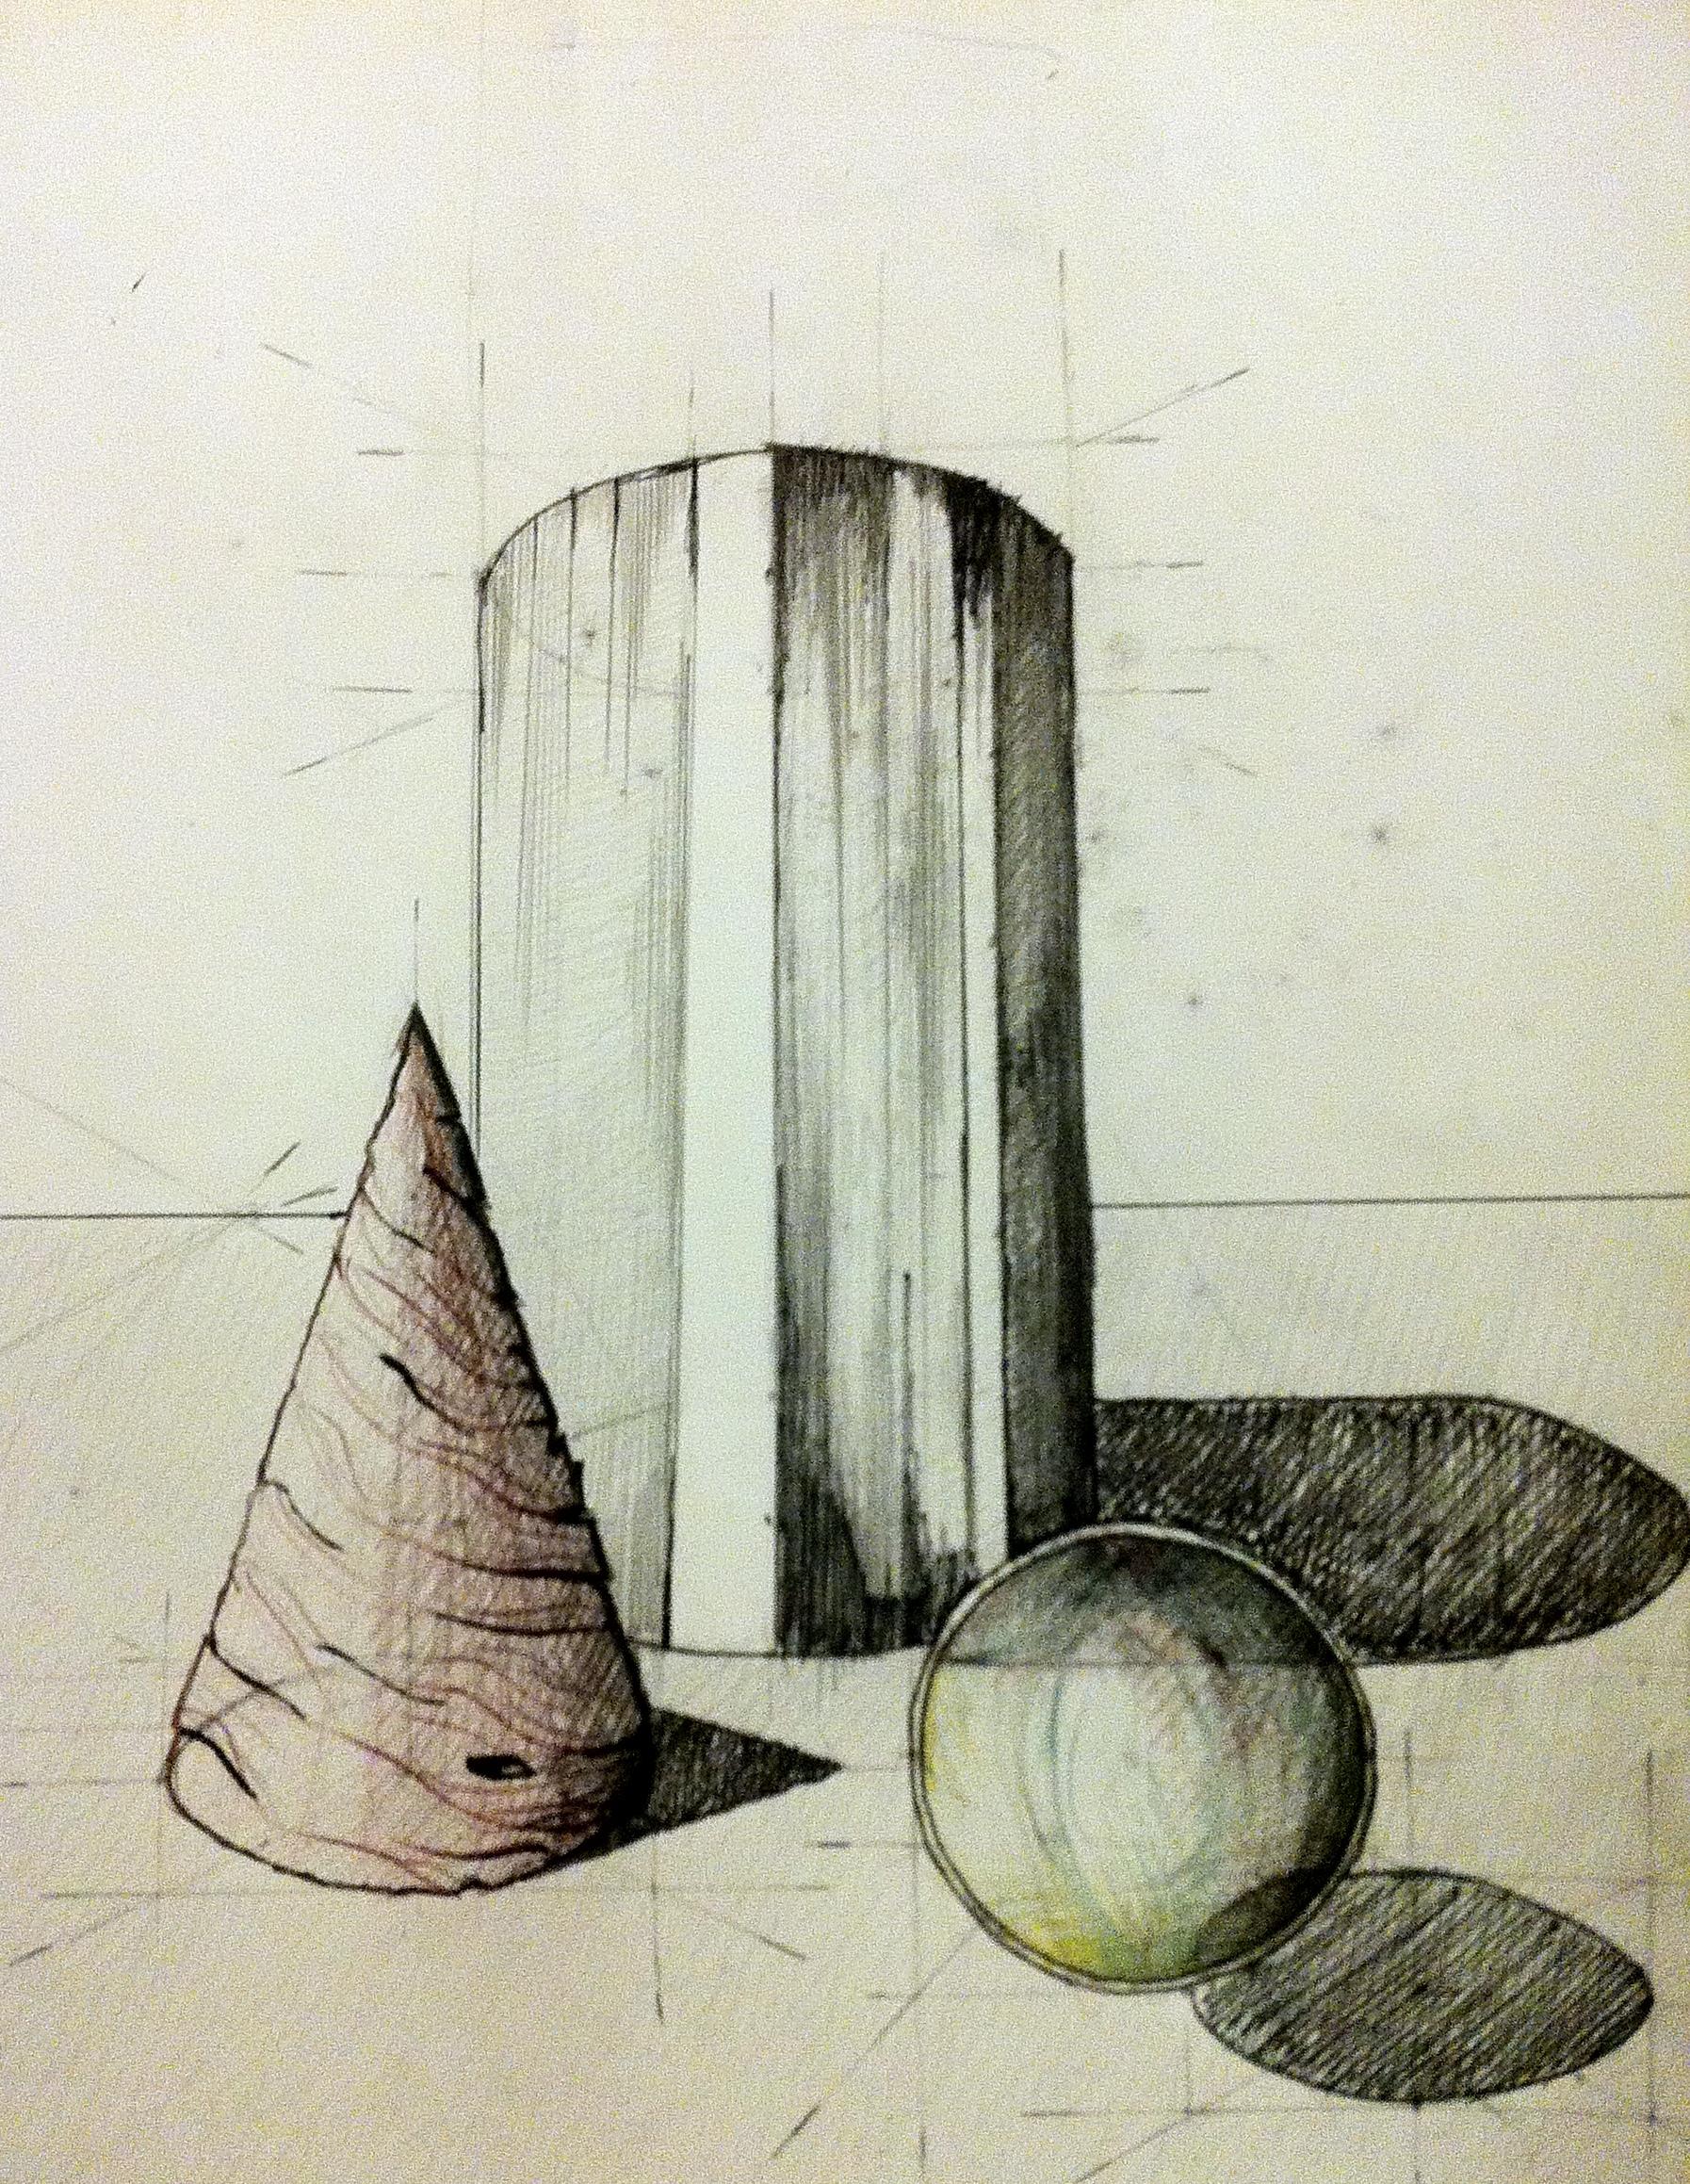 compozitie corpuri geometrice simple